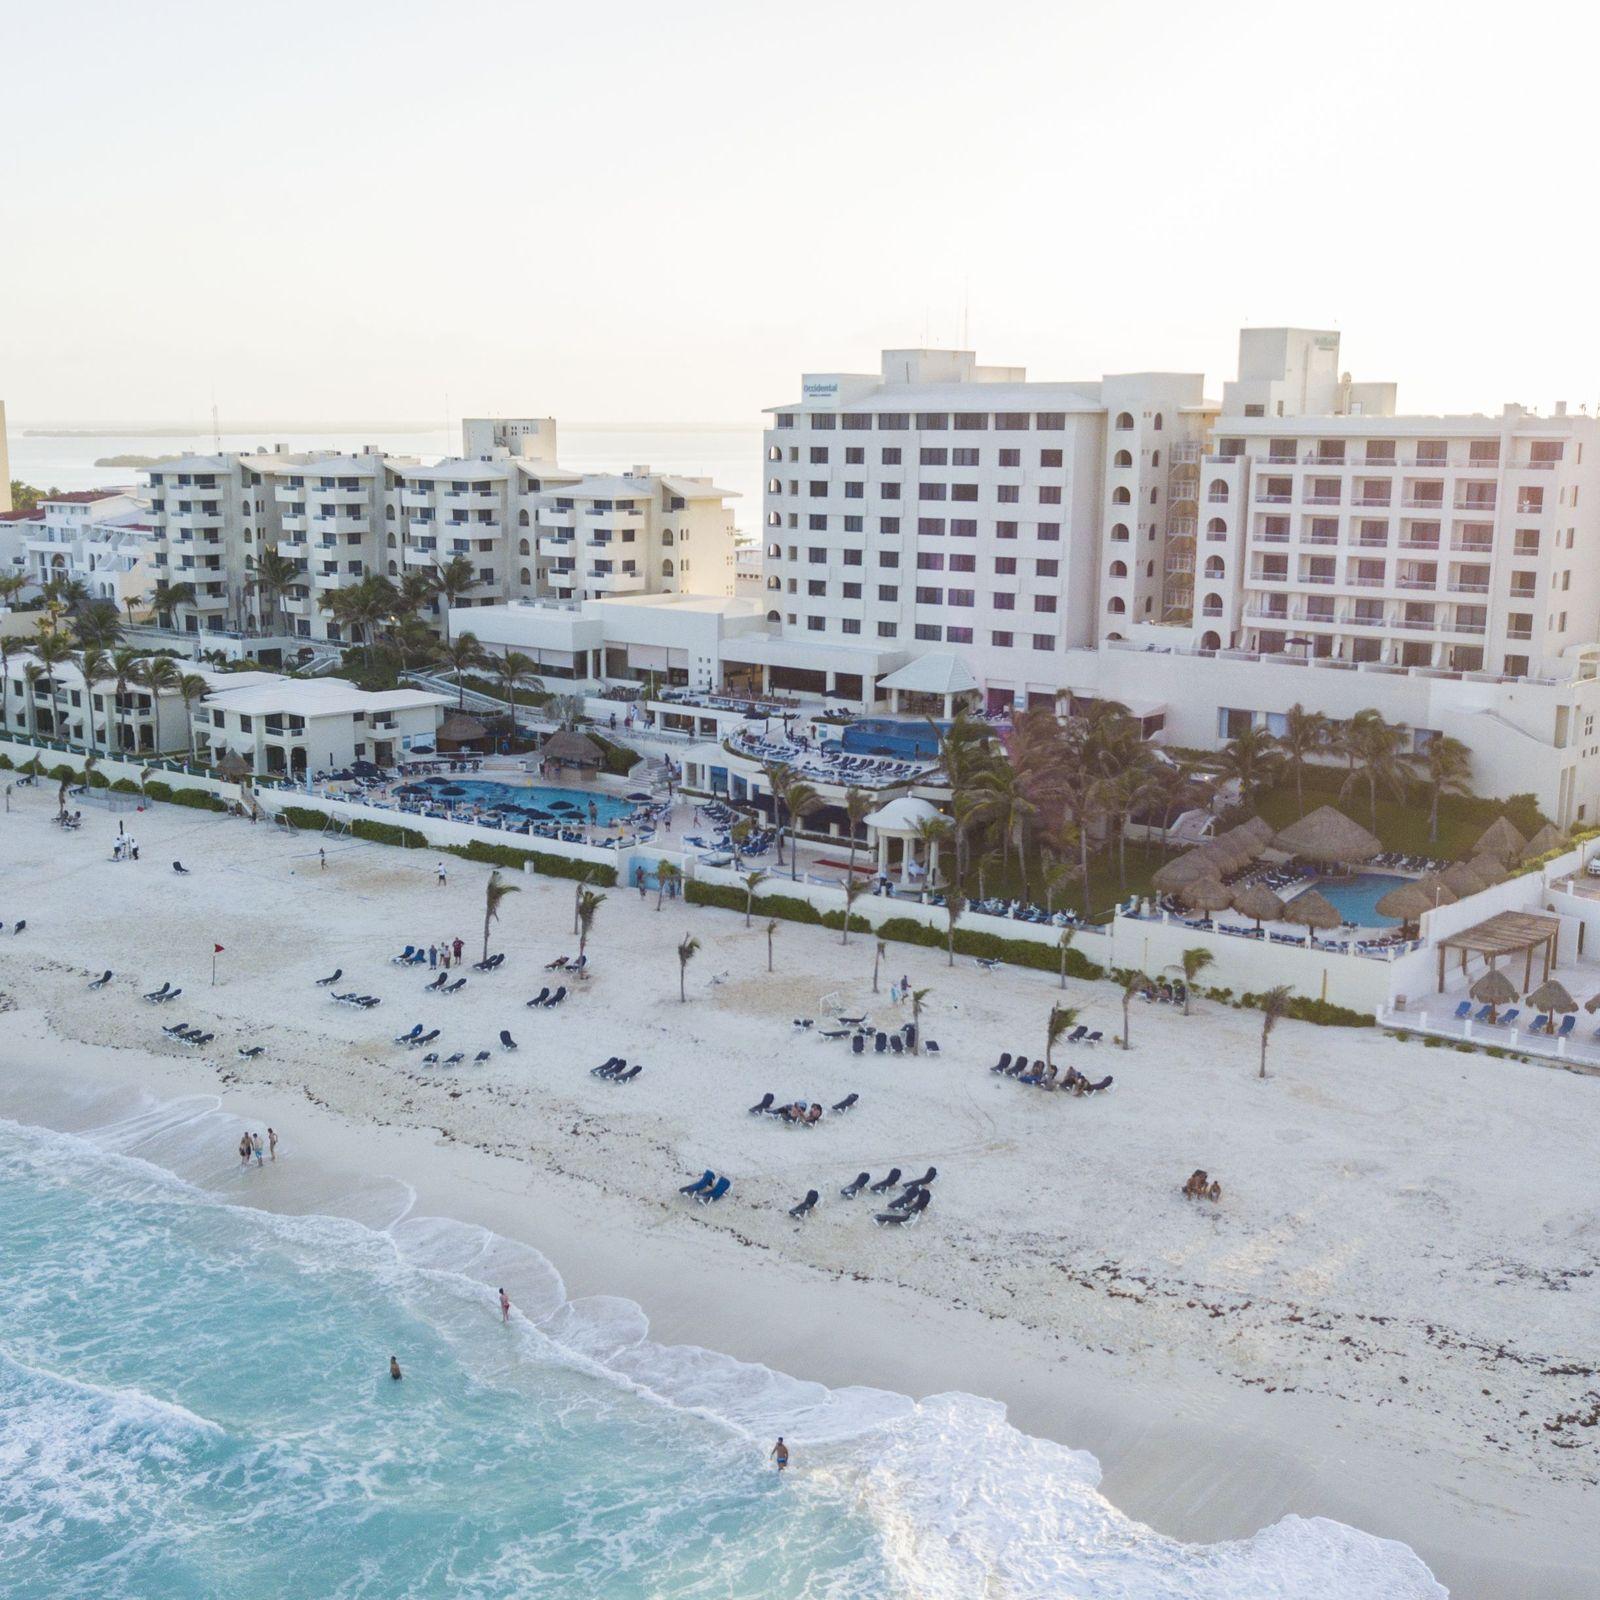 Hoteles a pie de playa todo incluido en Cancún para vacaciones en familia